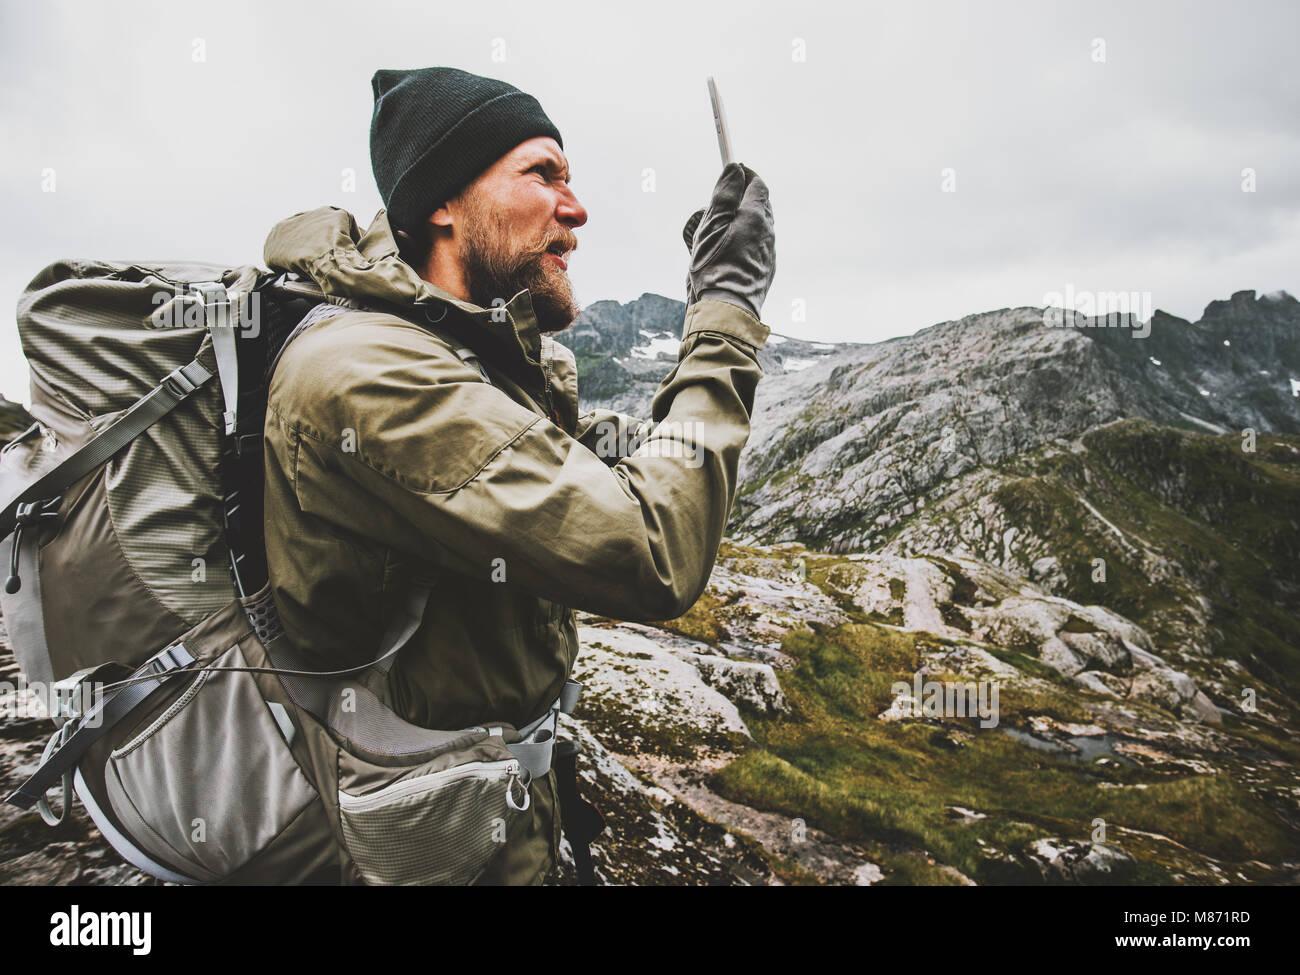 Mann Reisender mit Smartphone GPS-Navigator Kontrolle Koordinaten Wandern in den Bergen mit Rucksack Reisen überleben Stockbild